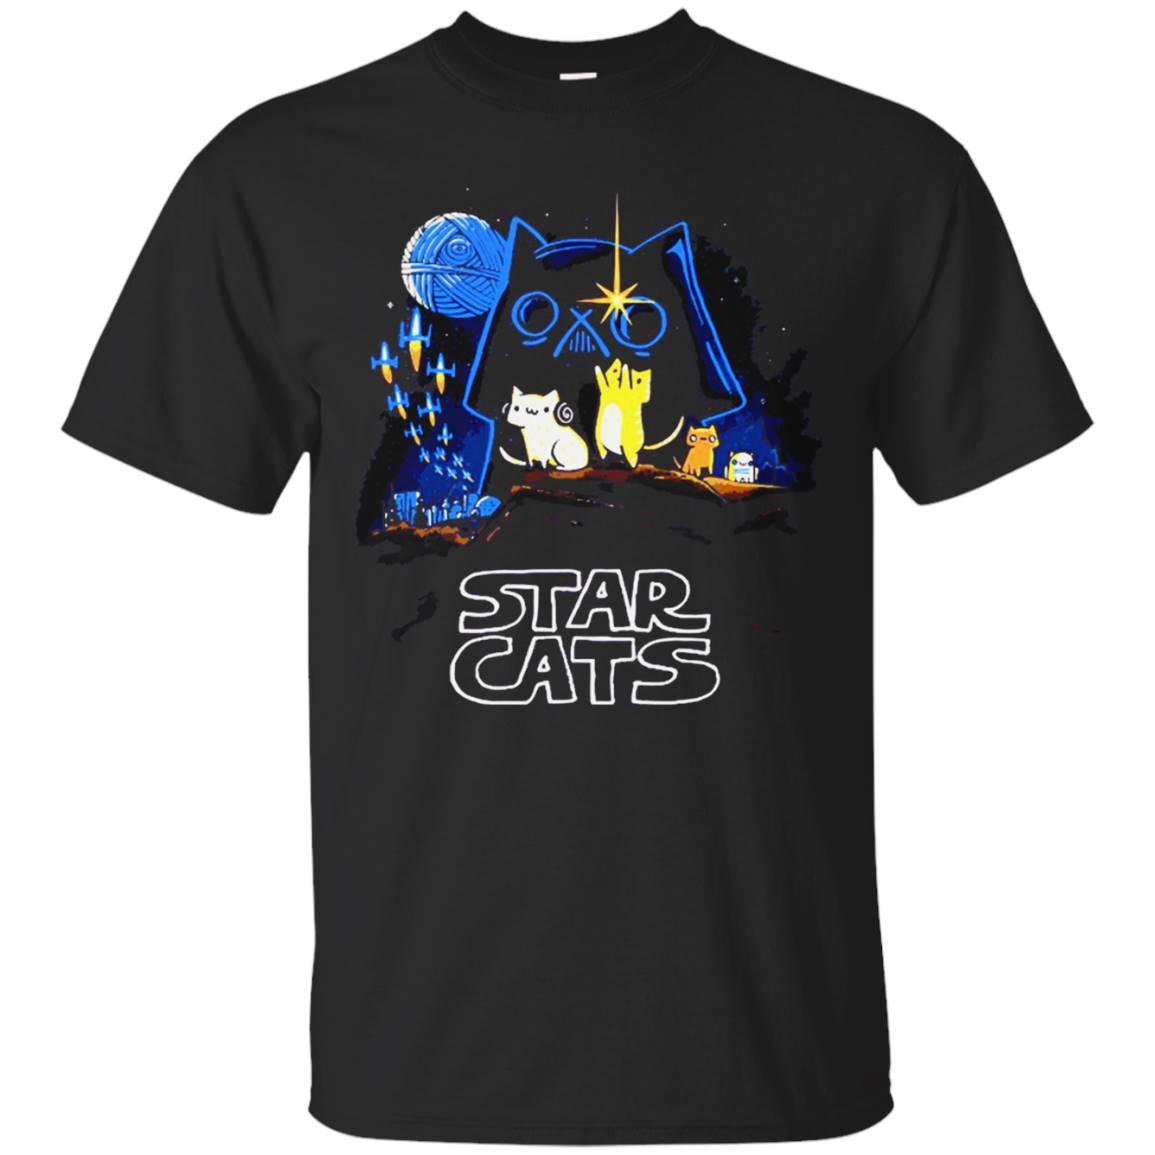 Star Cats T Shirt